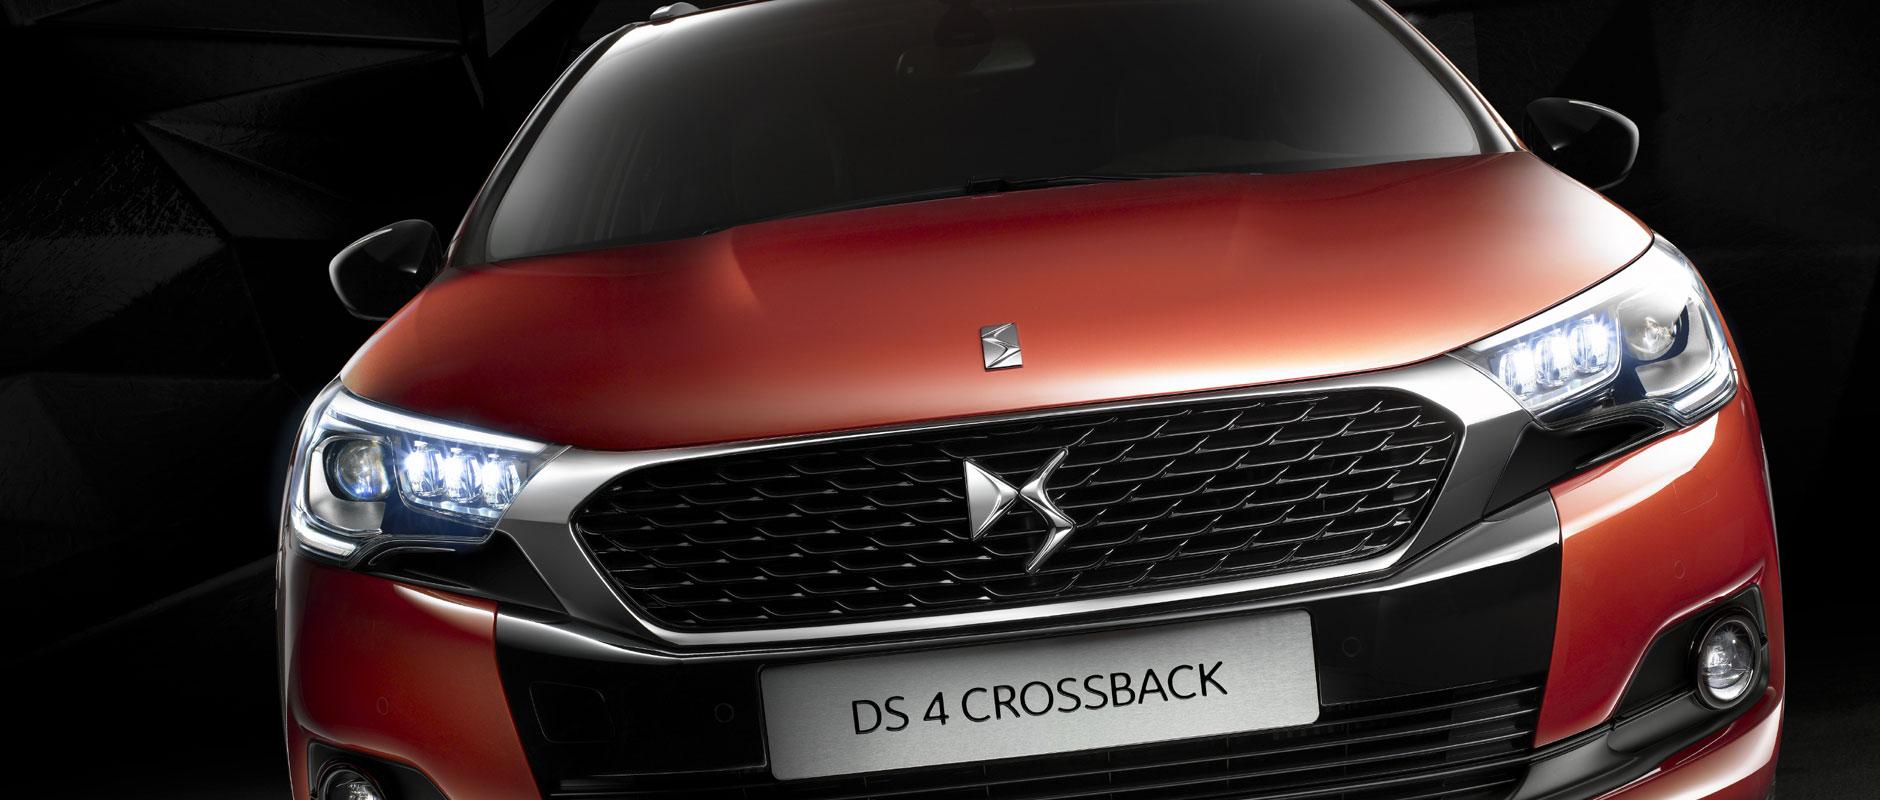 DS 4 Crossback - détails - Exterior